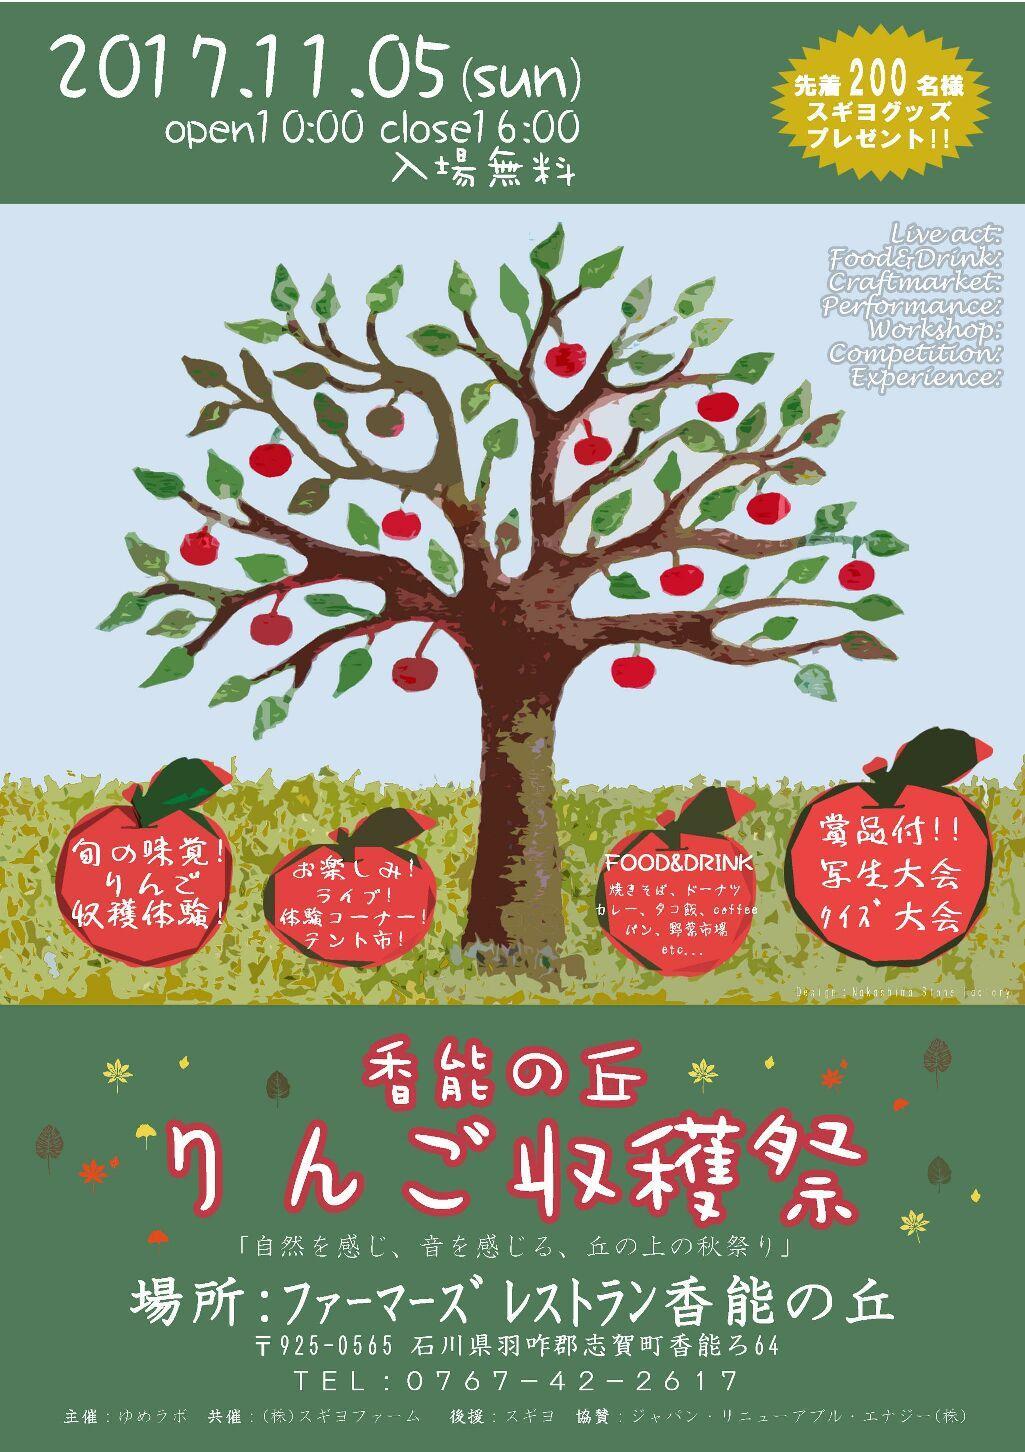 収穫祭ちらしデータ1.jpg